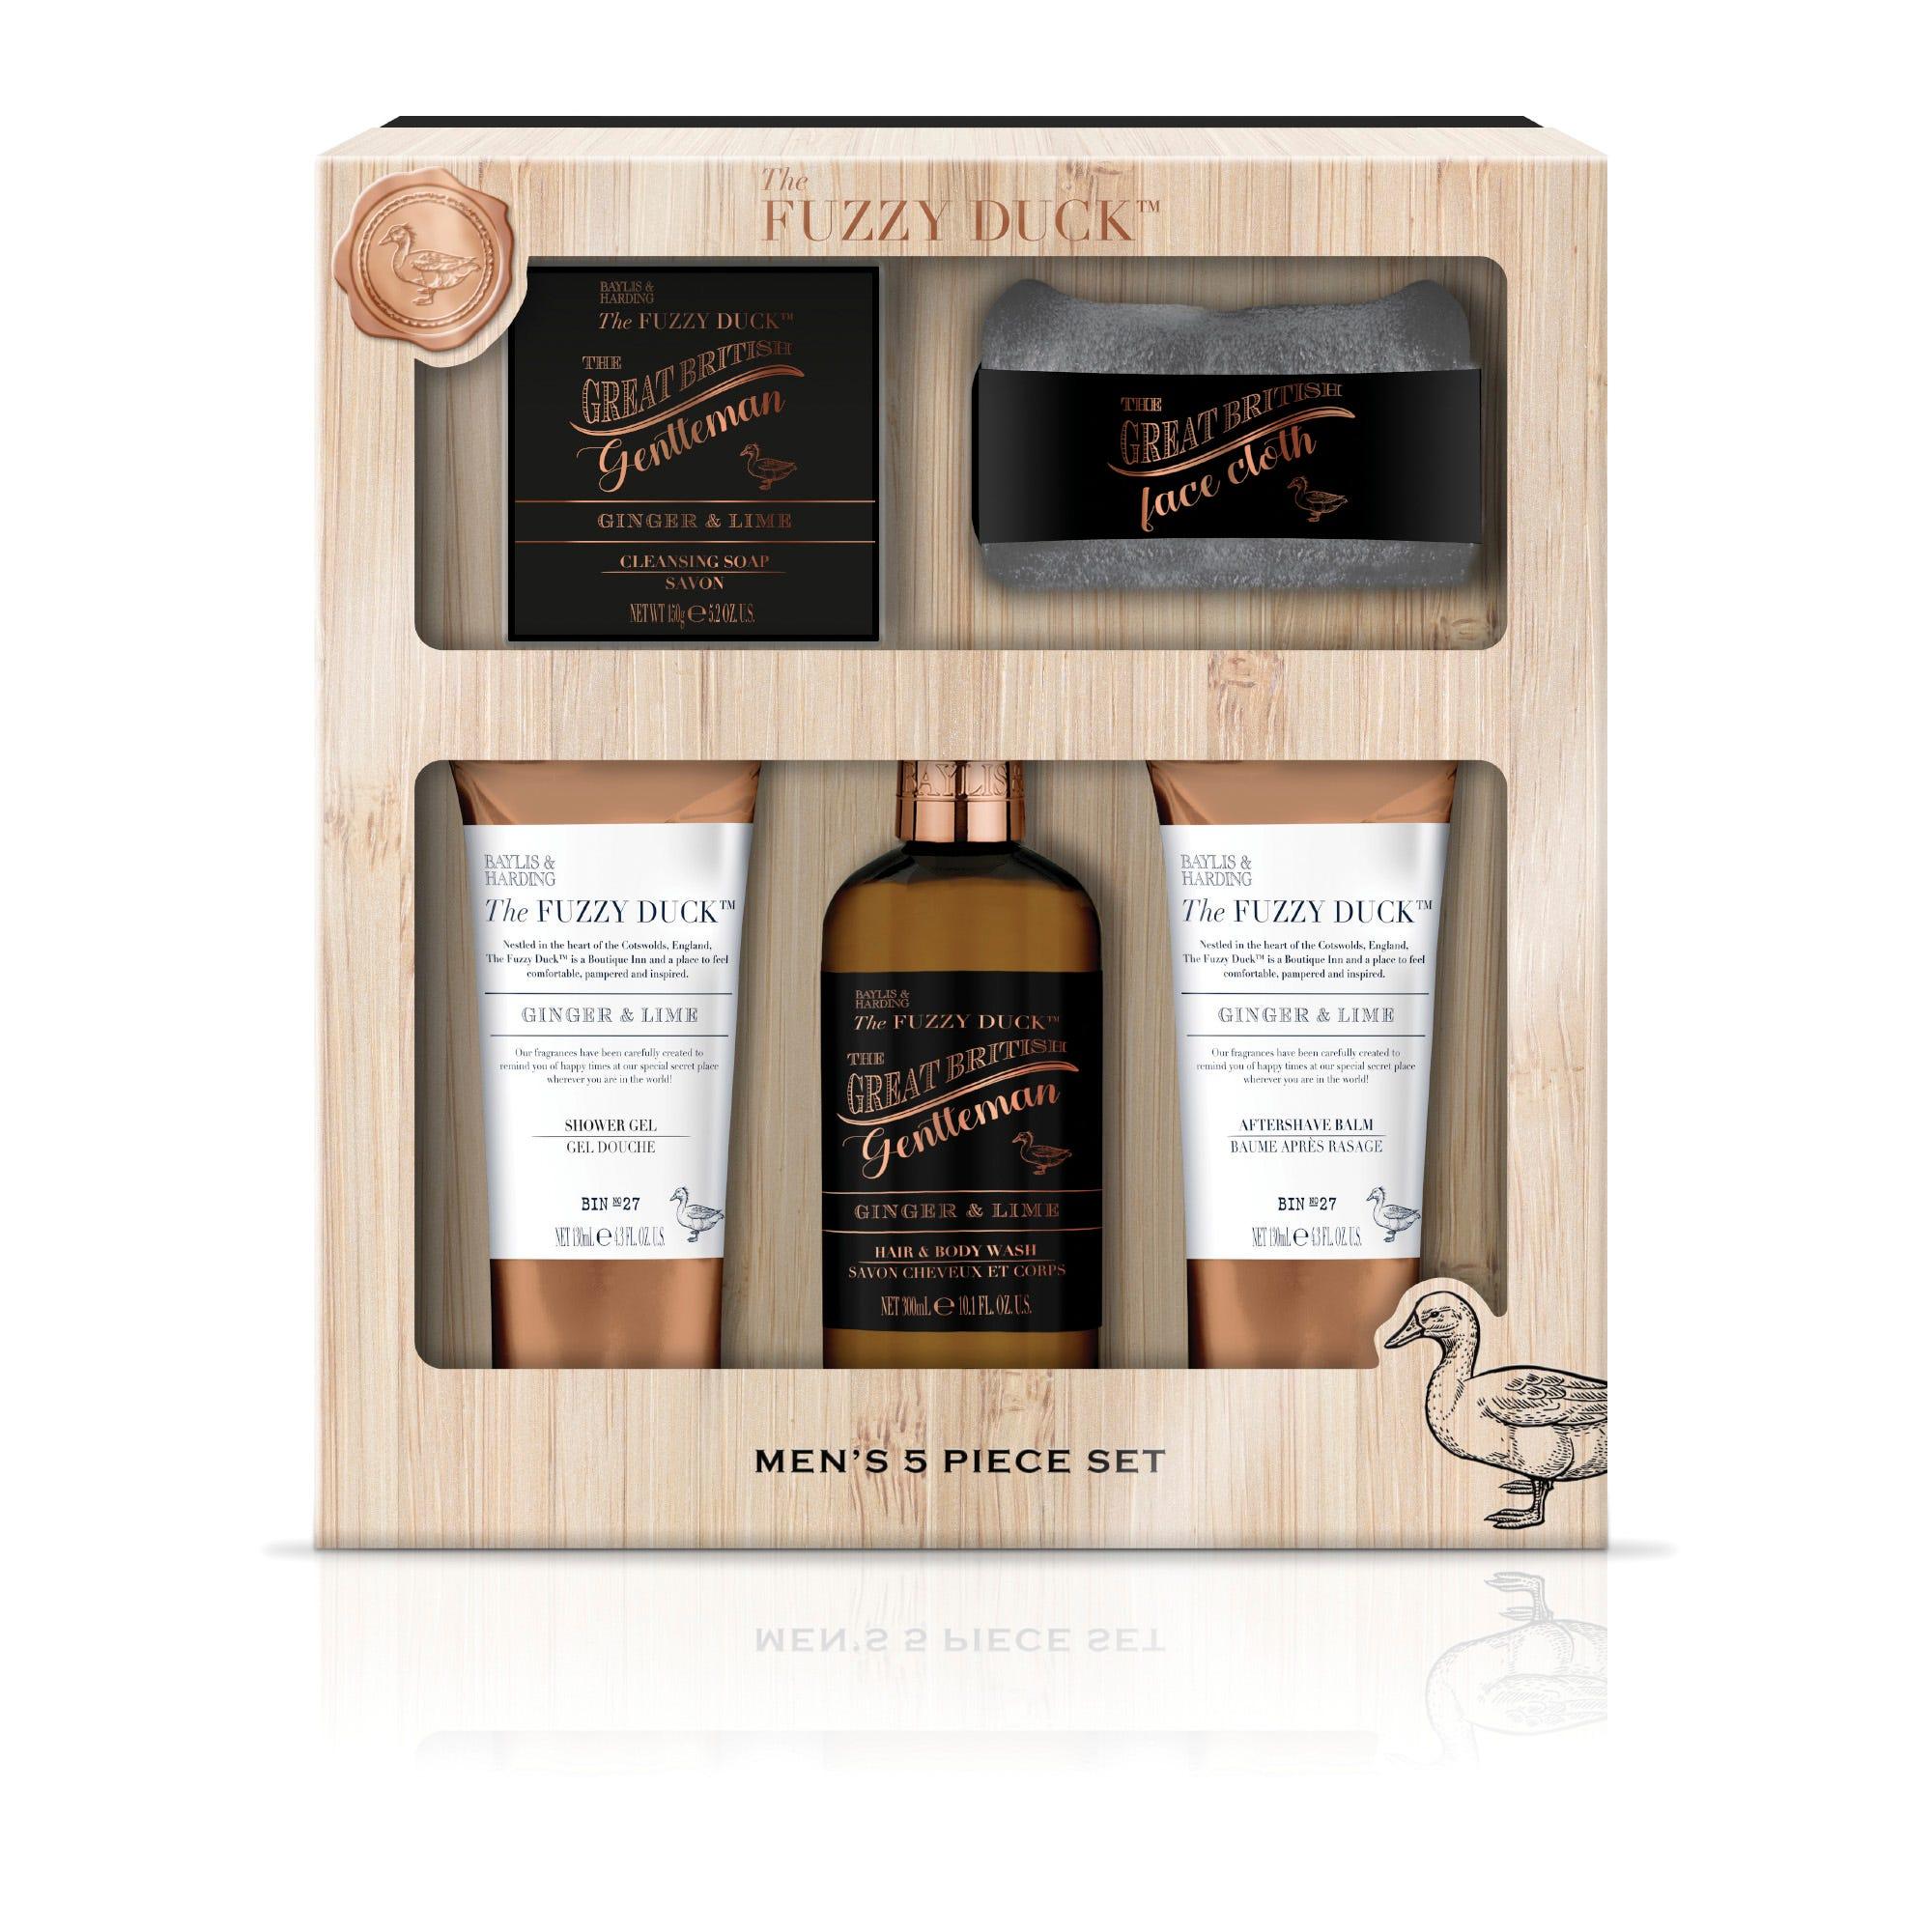 Set de cuidado de la piel Baylis & Harding para hombre aroma jengibre y limón, 5 piezas